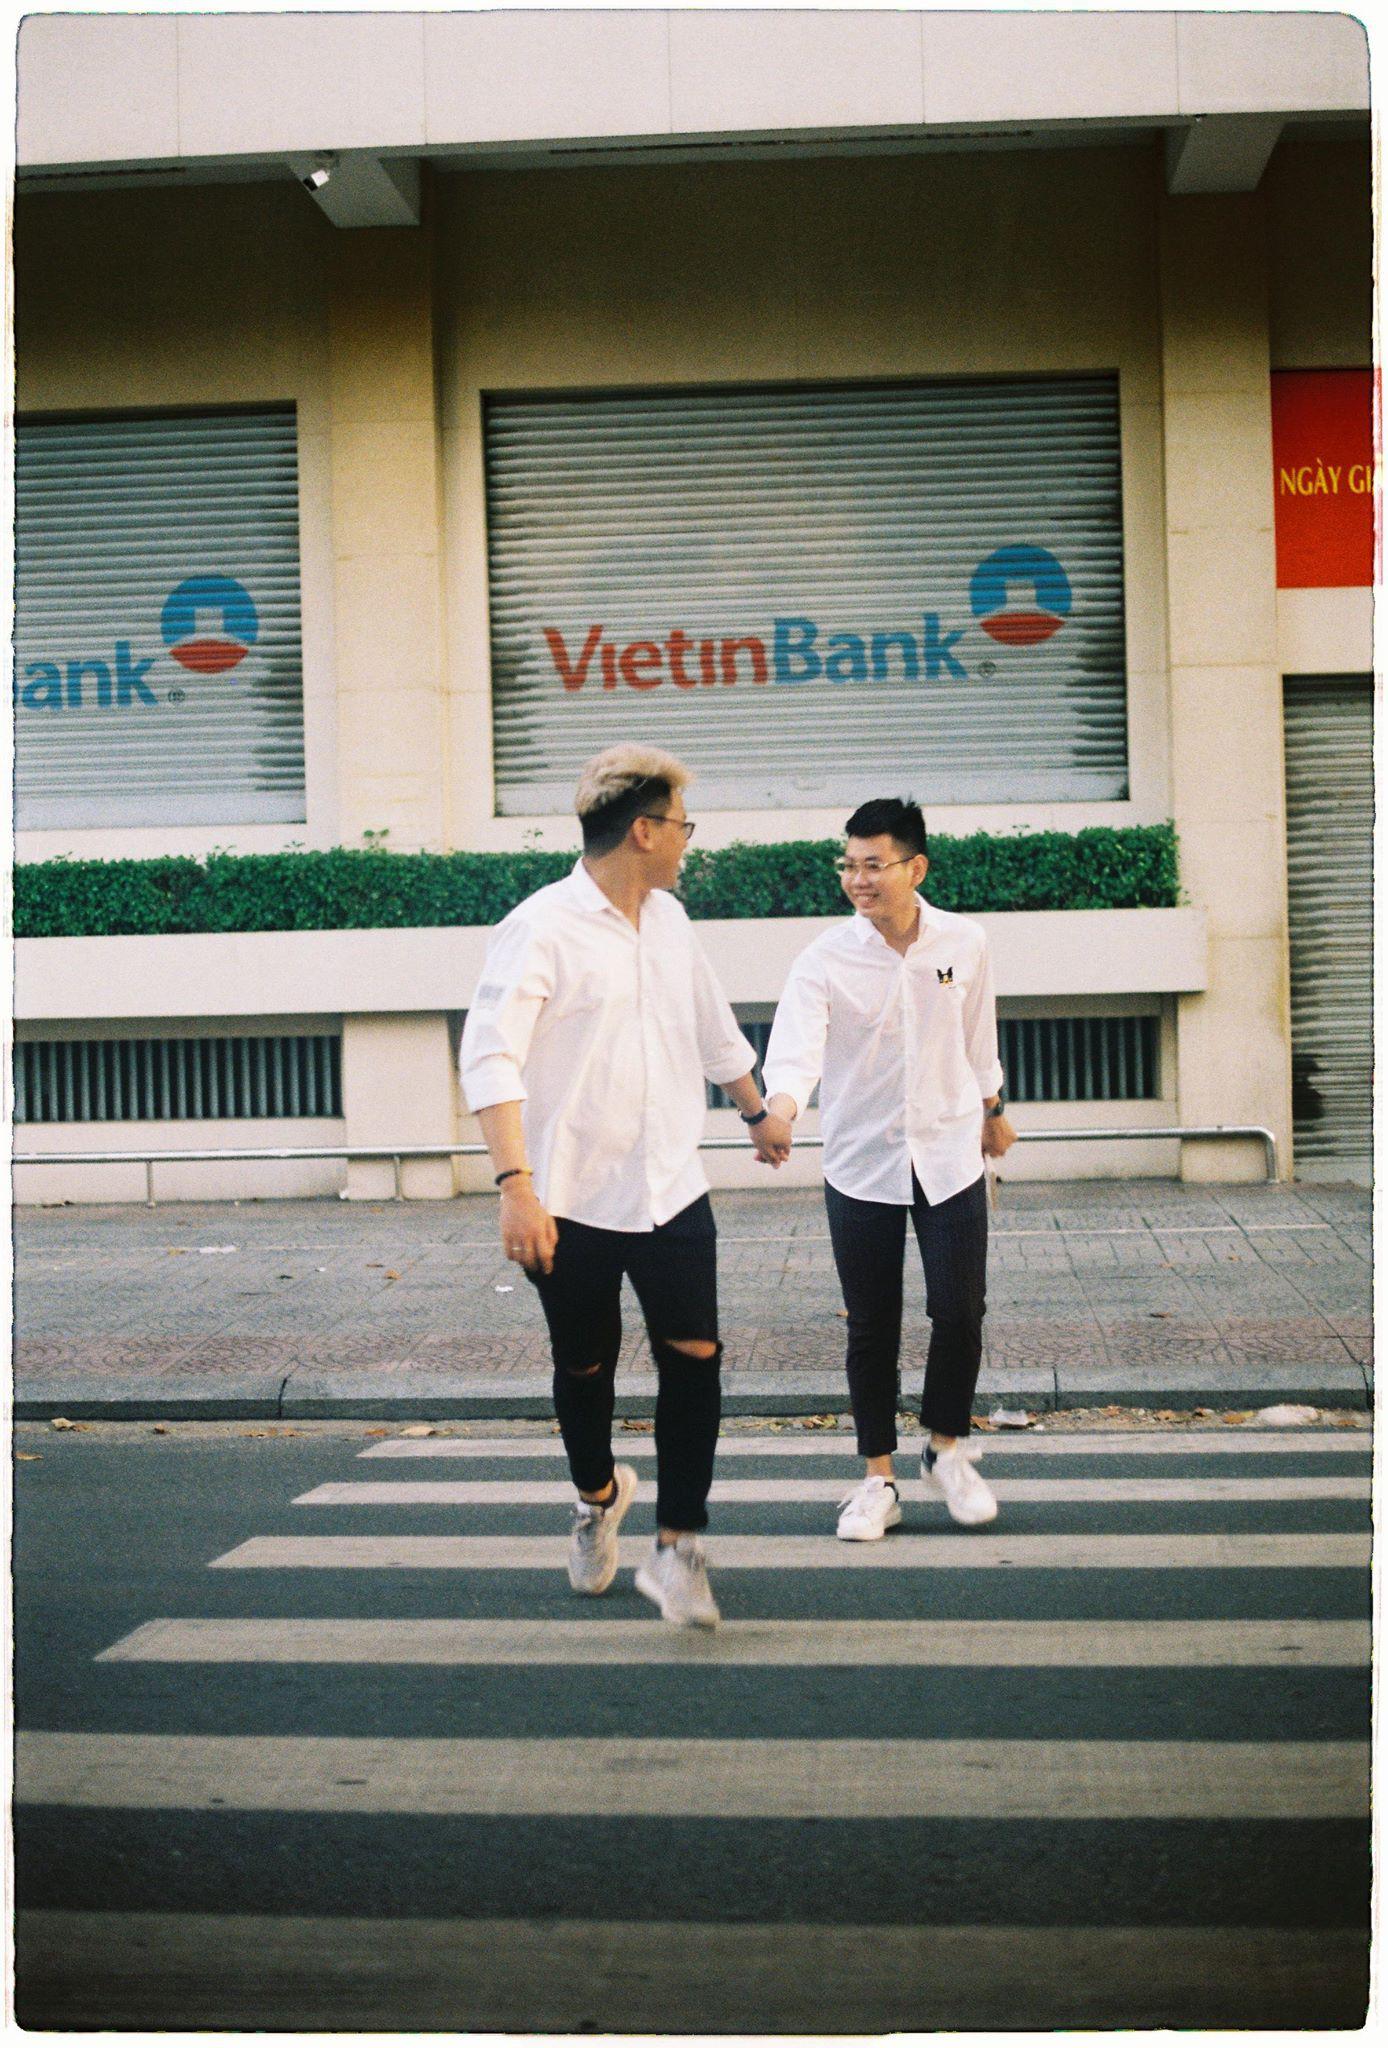 Chuyện tình cặp đồng tính nam: Tình yêu sét đánh trong lần gặp nhau đầu tiên - Ảnh 8.